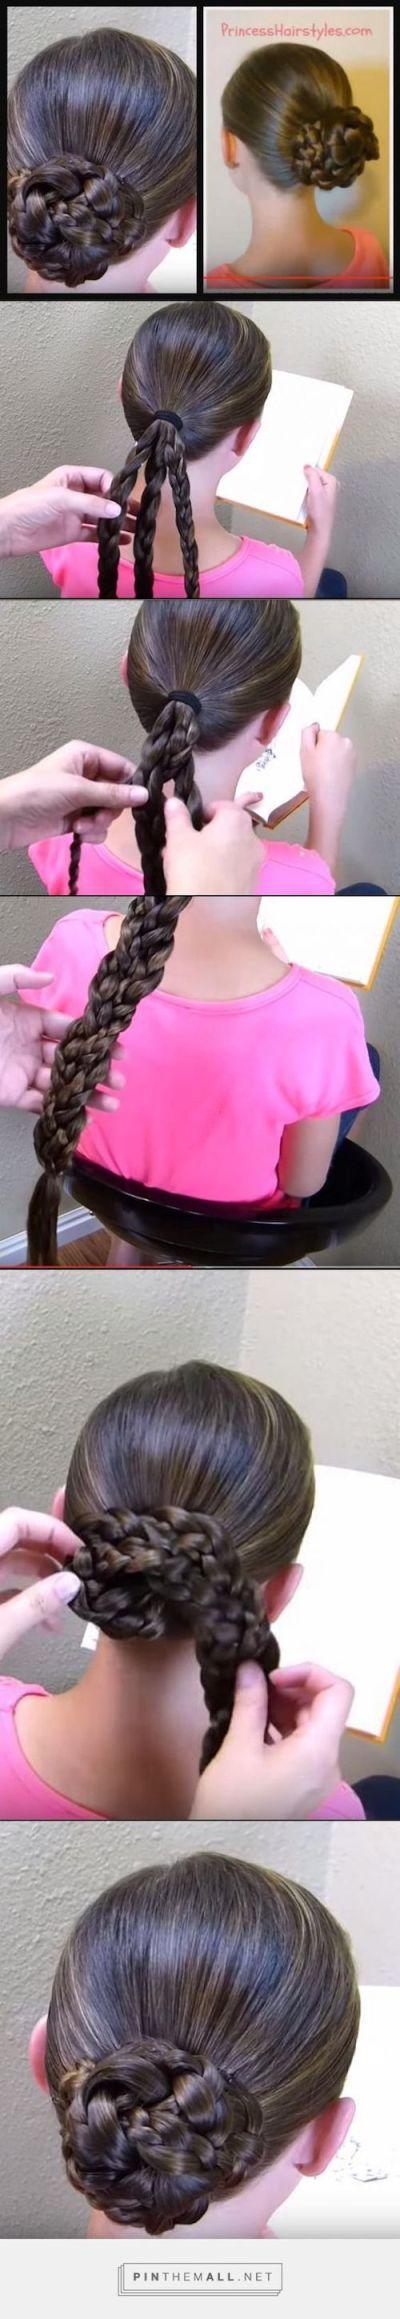 girl011 min - ママが簡単にできる「女の子のヘアスタイル」〜 ディズニー 発表会 結婚式 シチュエーション別の髪型をご紹介